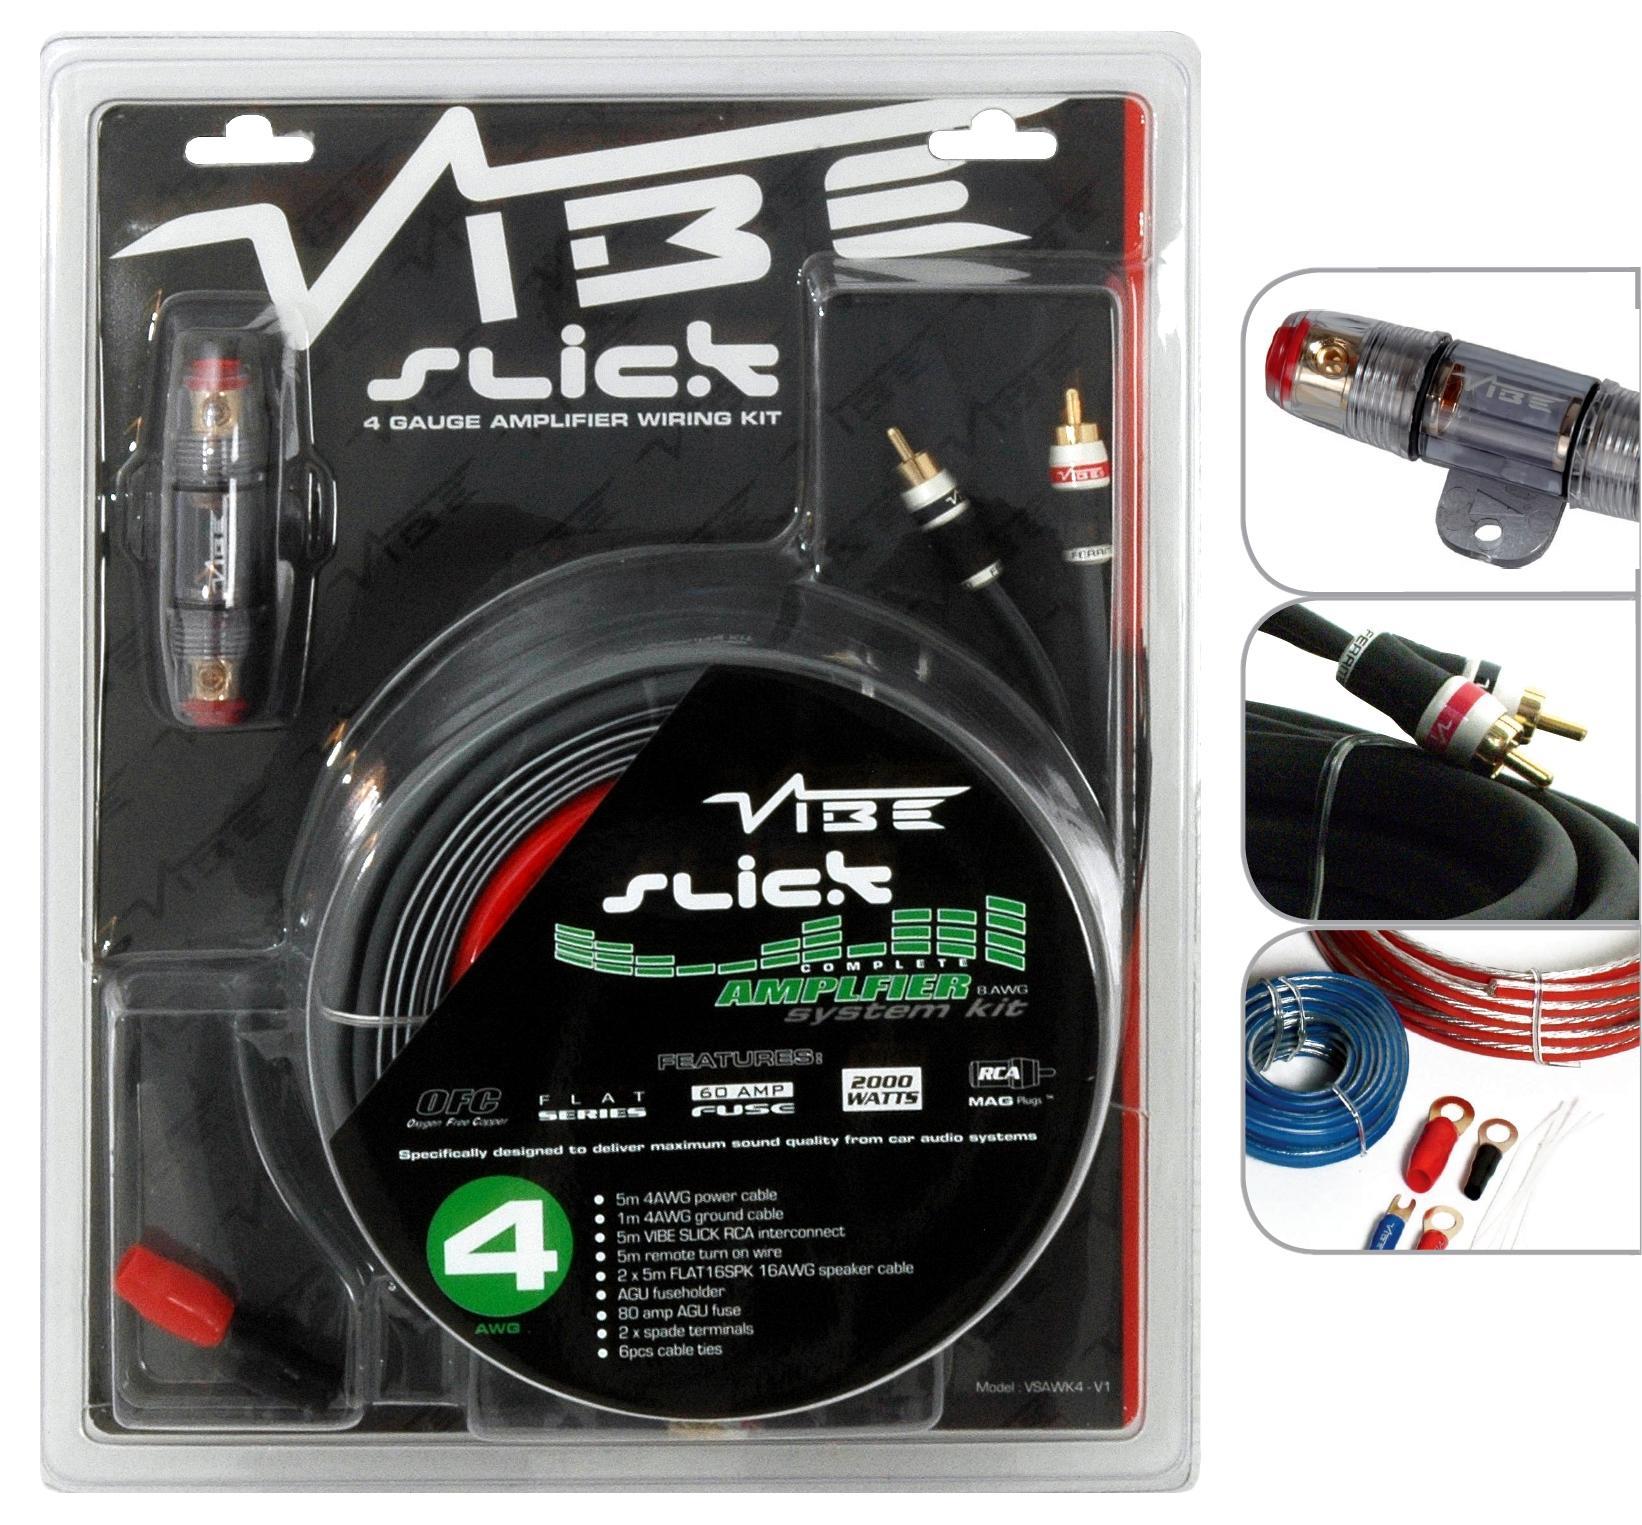 Vibe Slick 4 Gauge Amplifier Wiring Kit  sc 1 st  Halfords : halfords amp wiring kit - yogabreezes.com